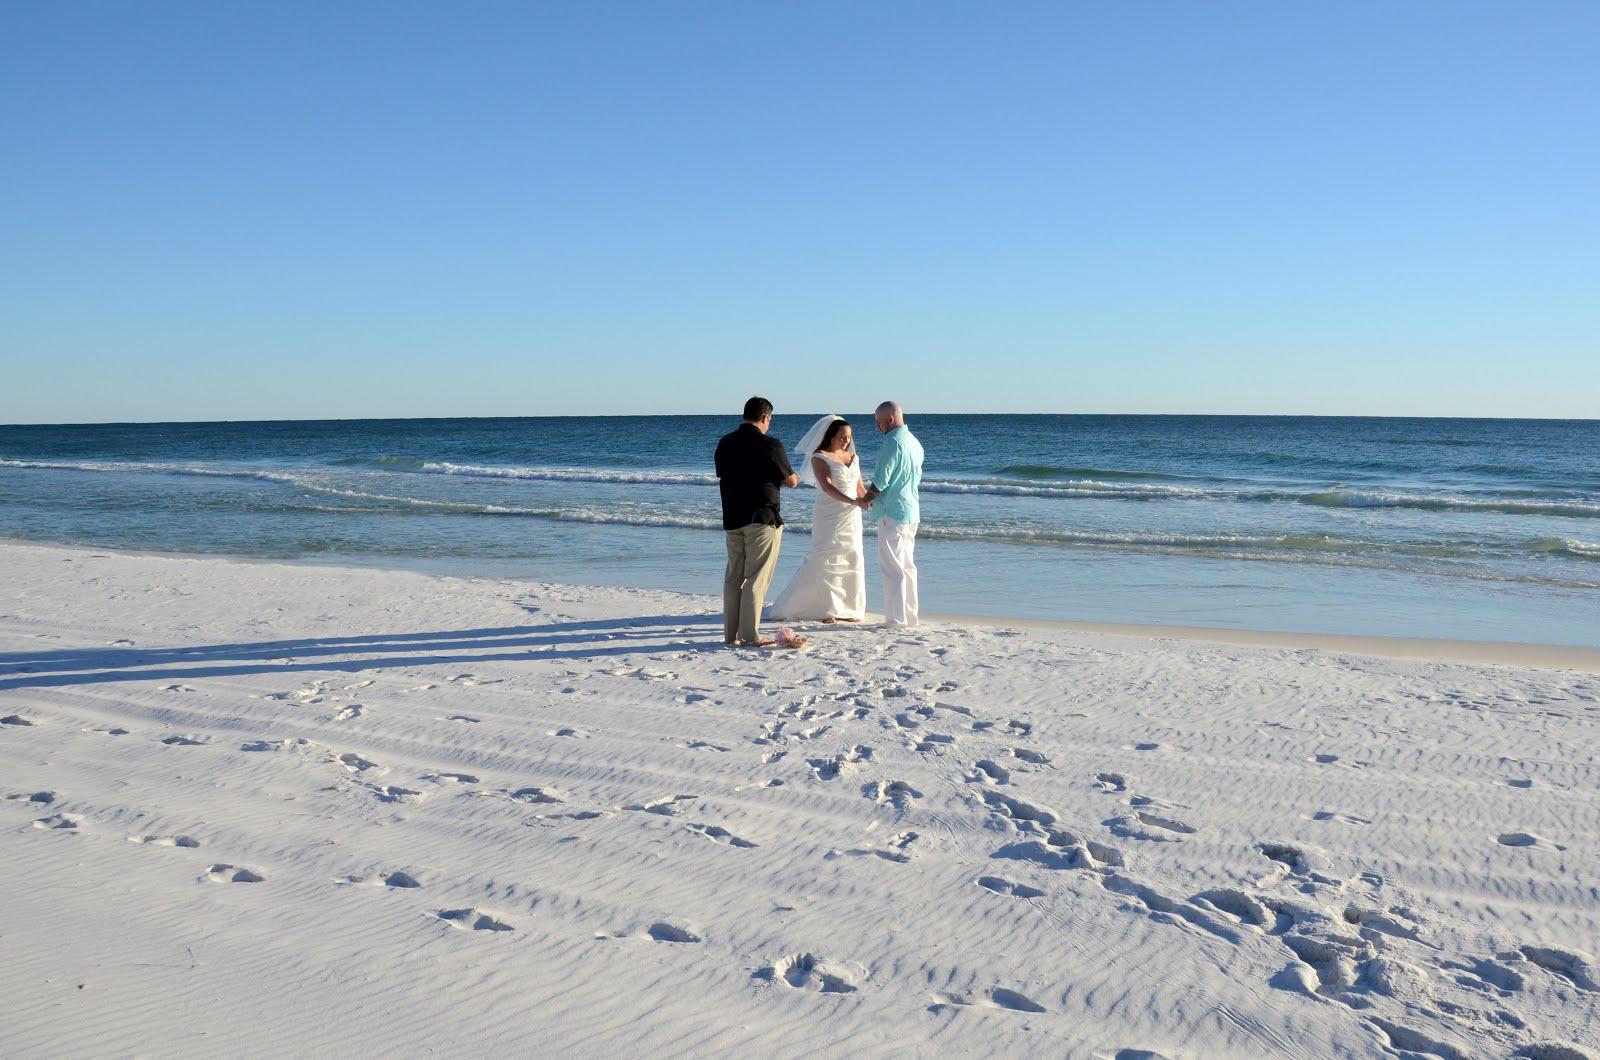 Sunset Beach Weddings: Florida Beach Weddings Elopement ...